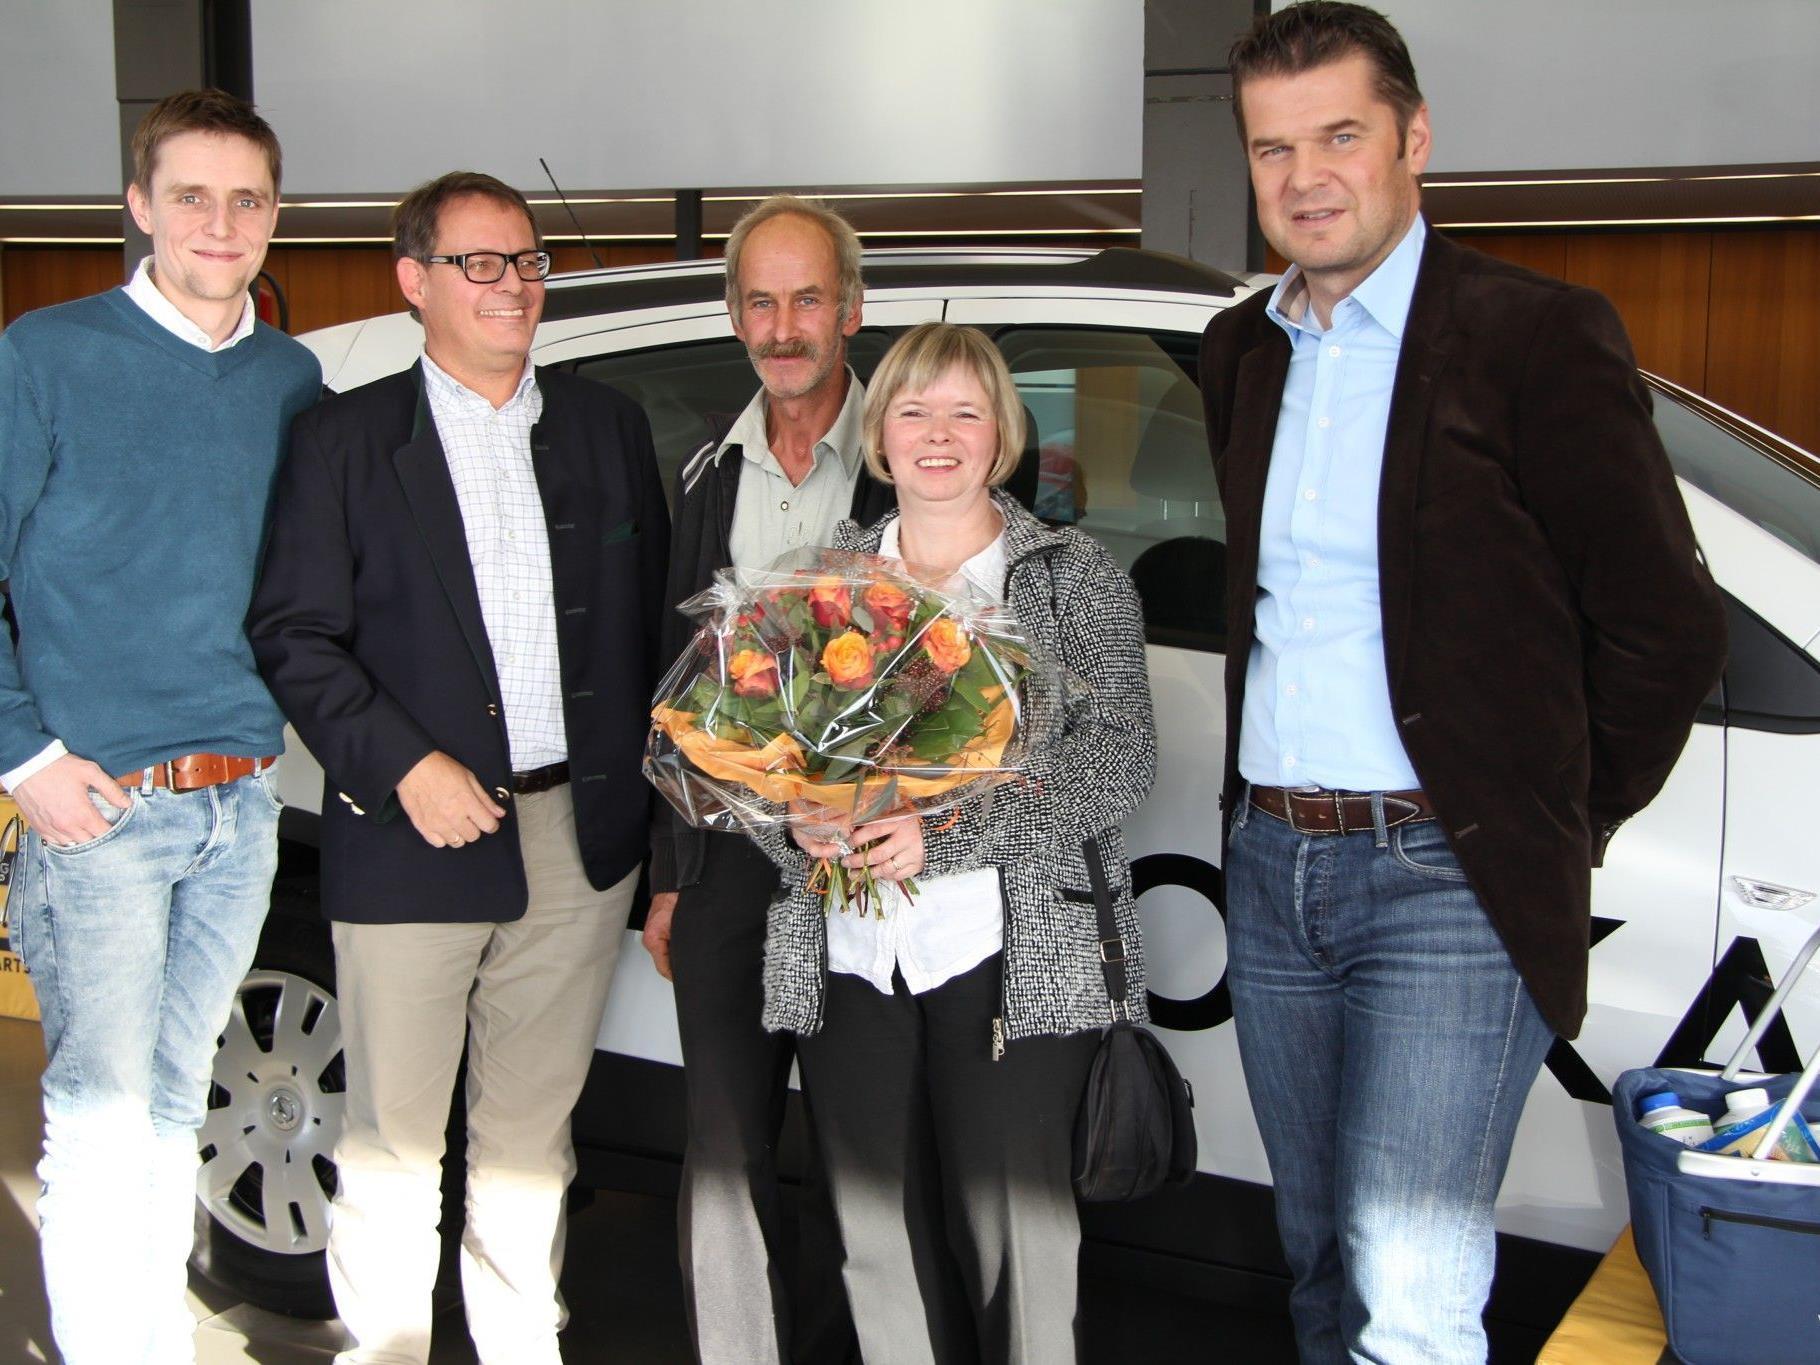 Georg Burtscher (VOL.AT), Christoph Gerster (Opel Gerster), Michael und Rita Bernhard (Gewinnerin), Raimund Wachter (Vorarlberg Milch)